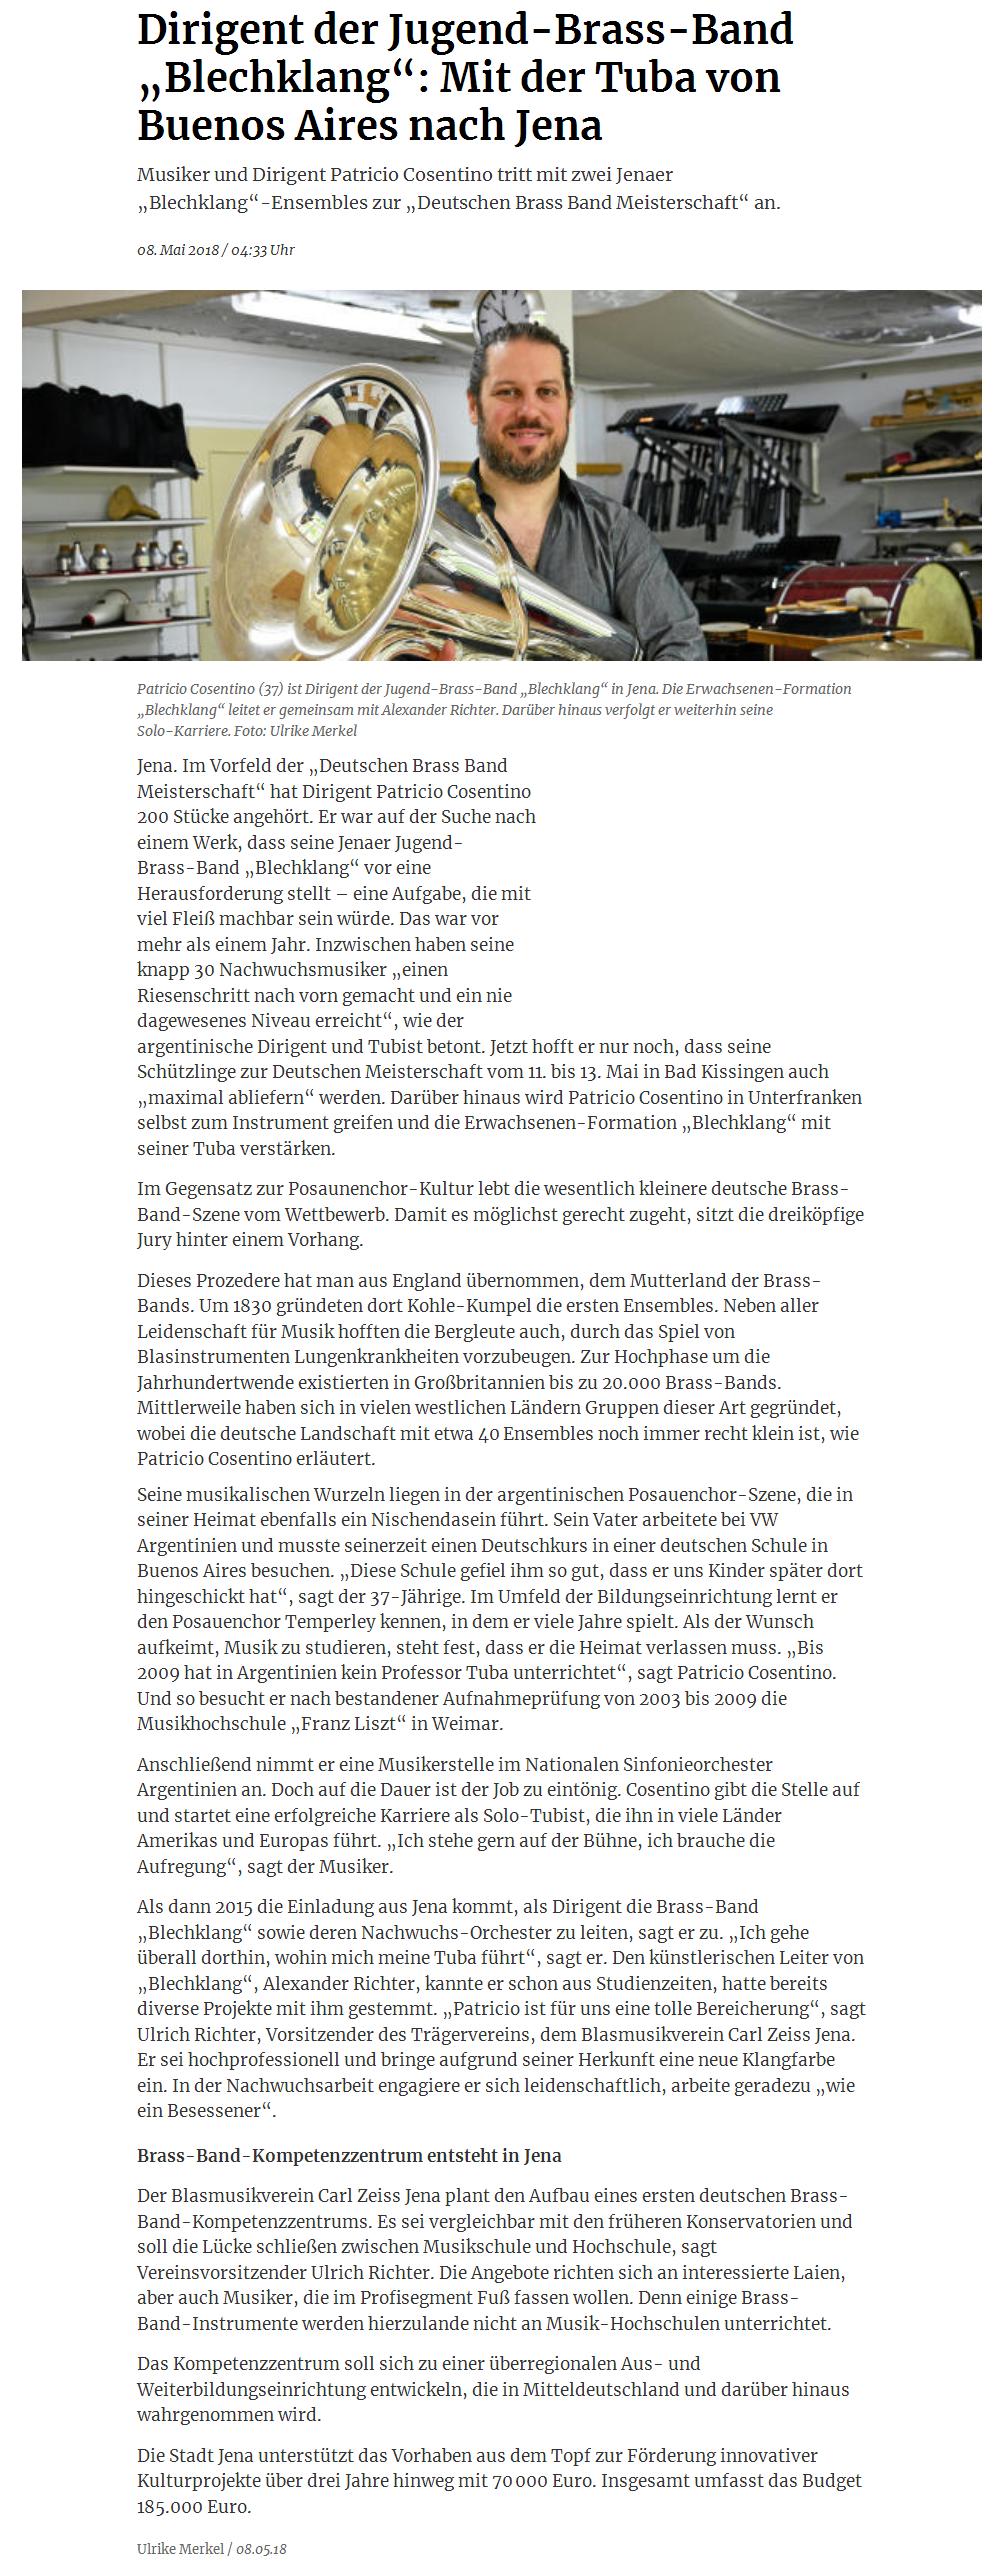 Artikel aus der TA über Patricio Cosentino vor der Deutschen Brass Band Meisterschaft 2018